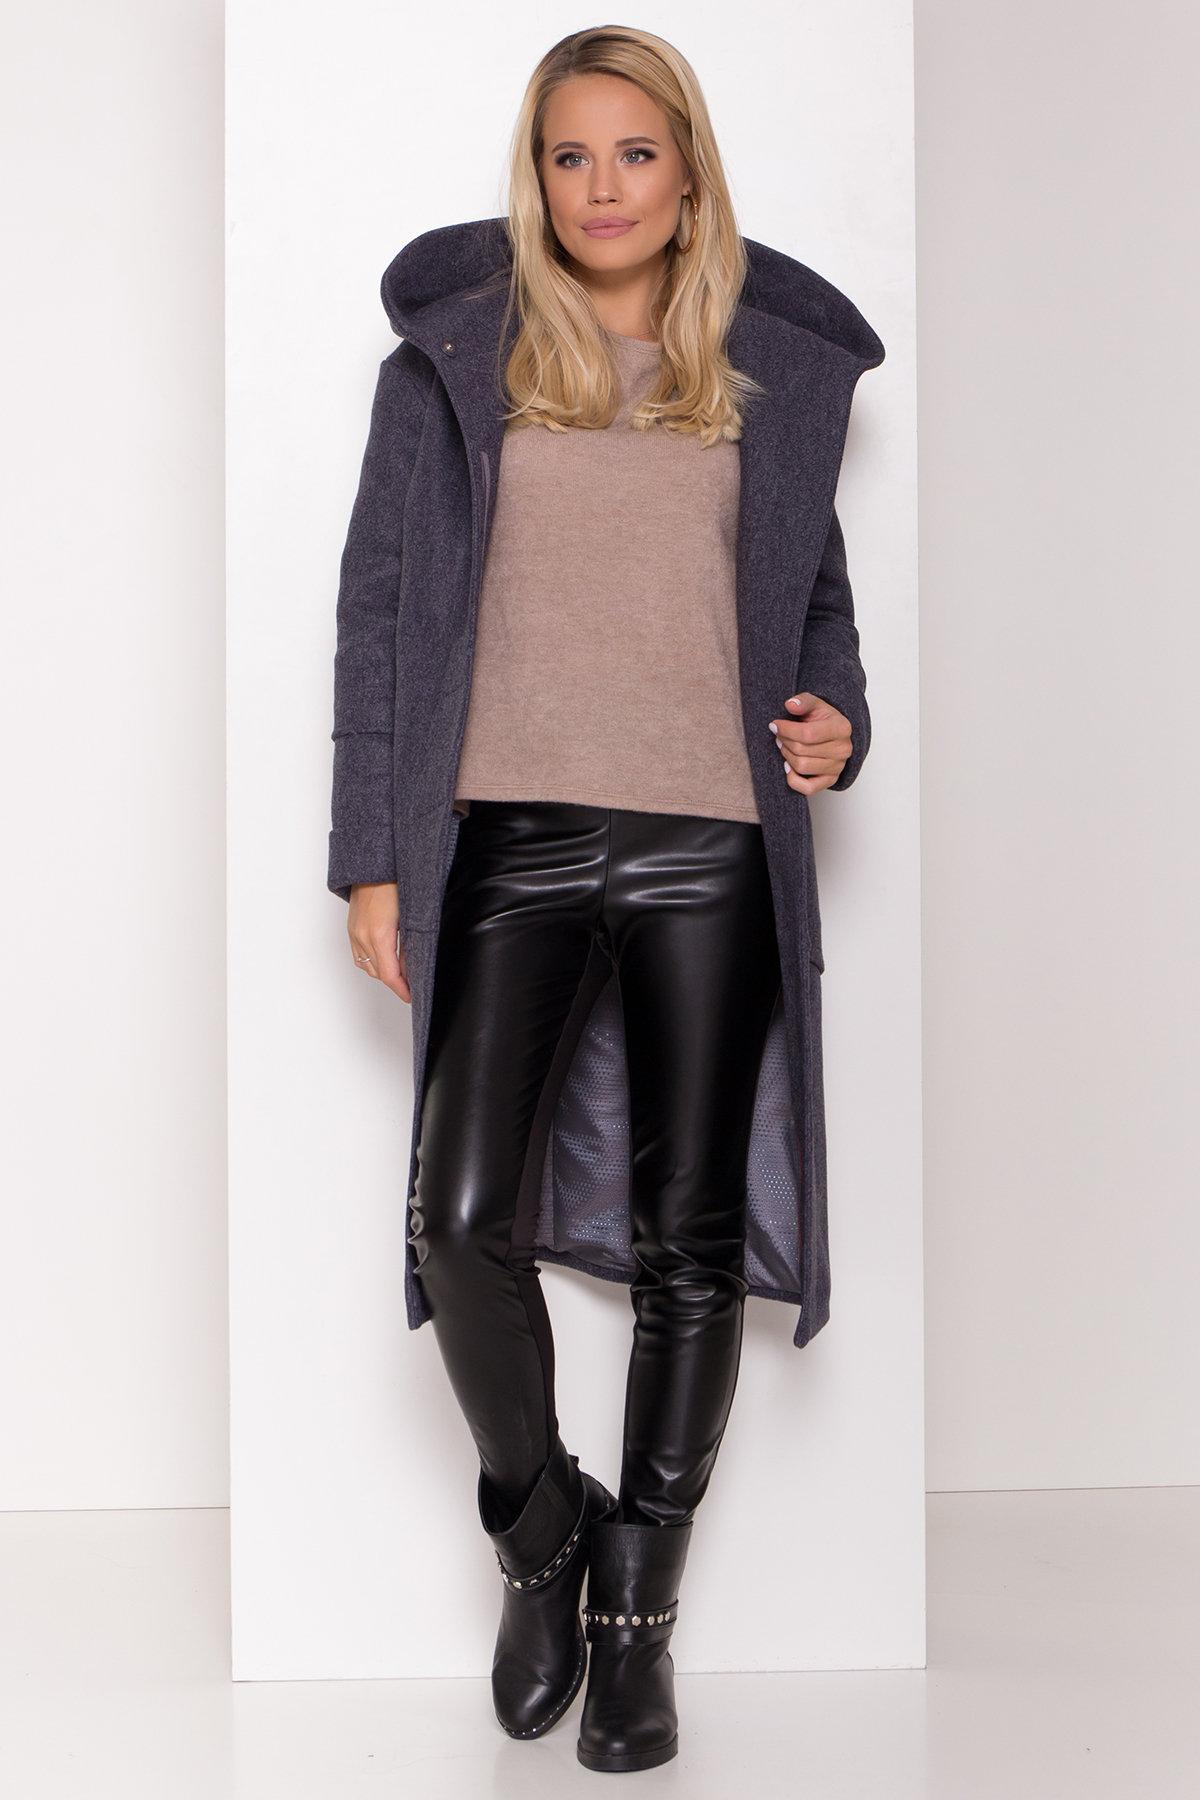 Утепленное пальто с капюшоном на зиму Анита классик 8213 АРТ. 44275 Цвет: т. синий 543 - фото 2, интернет магазин tm-modus.ru